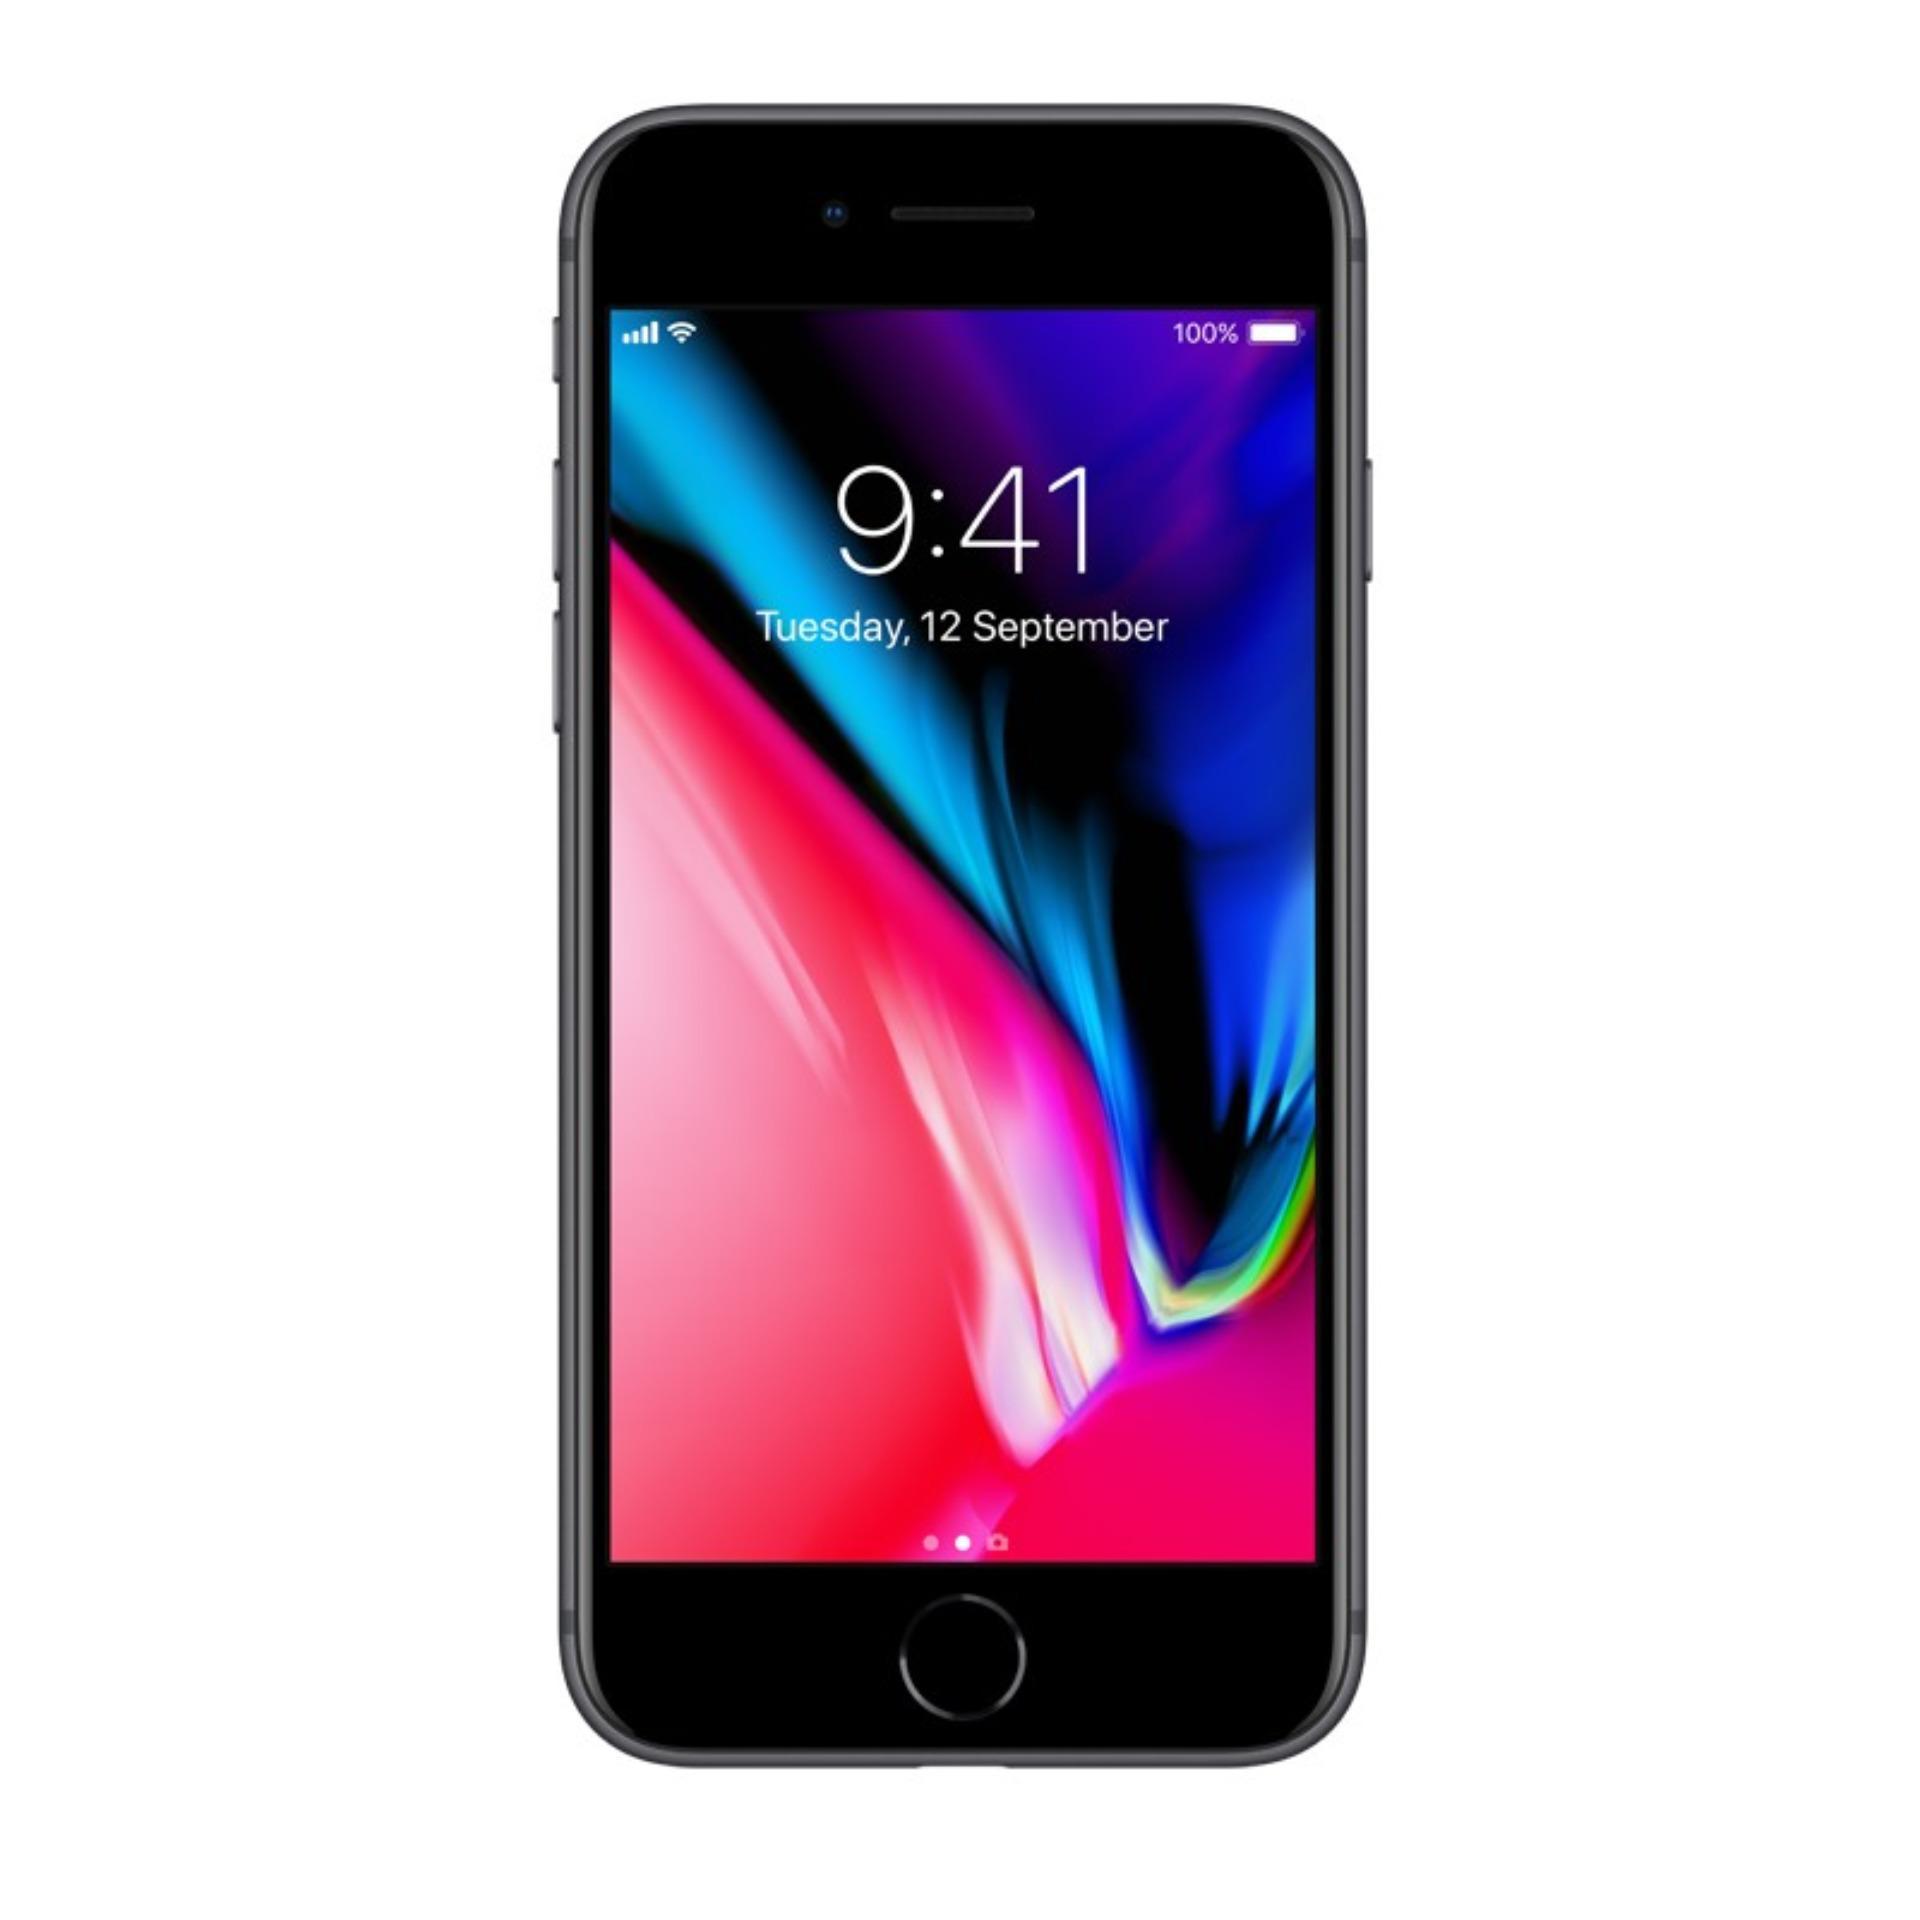 Bảng Giá iPhone 8 Plus 64GB – Hãng Phân phối chính thức Tại FPT Shop